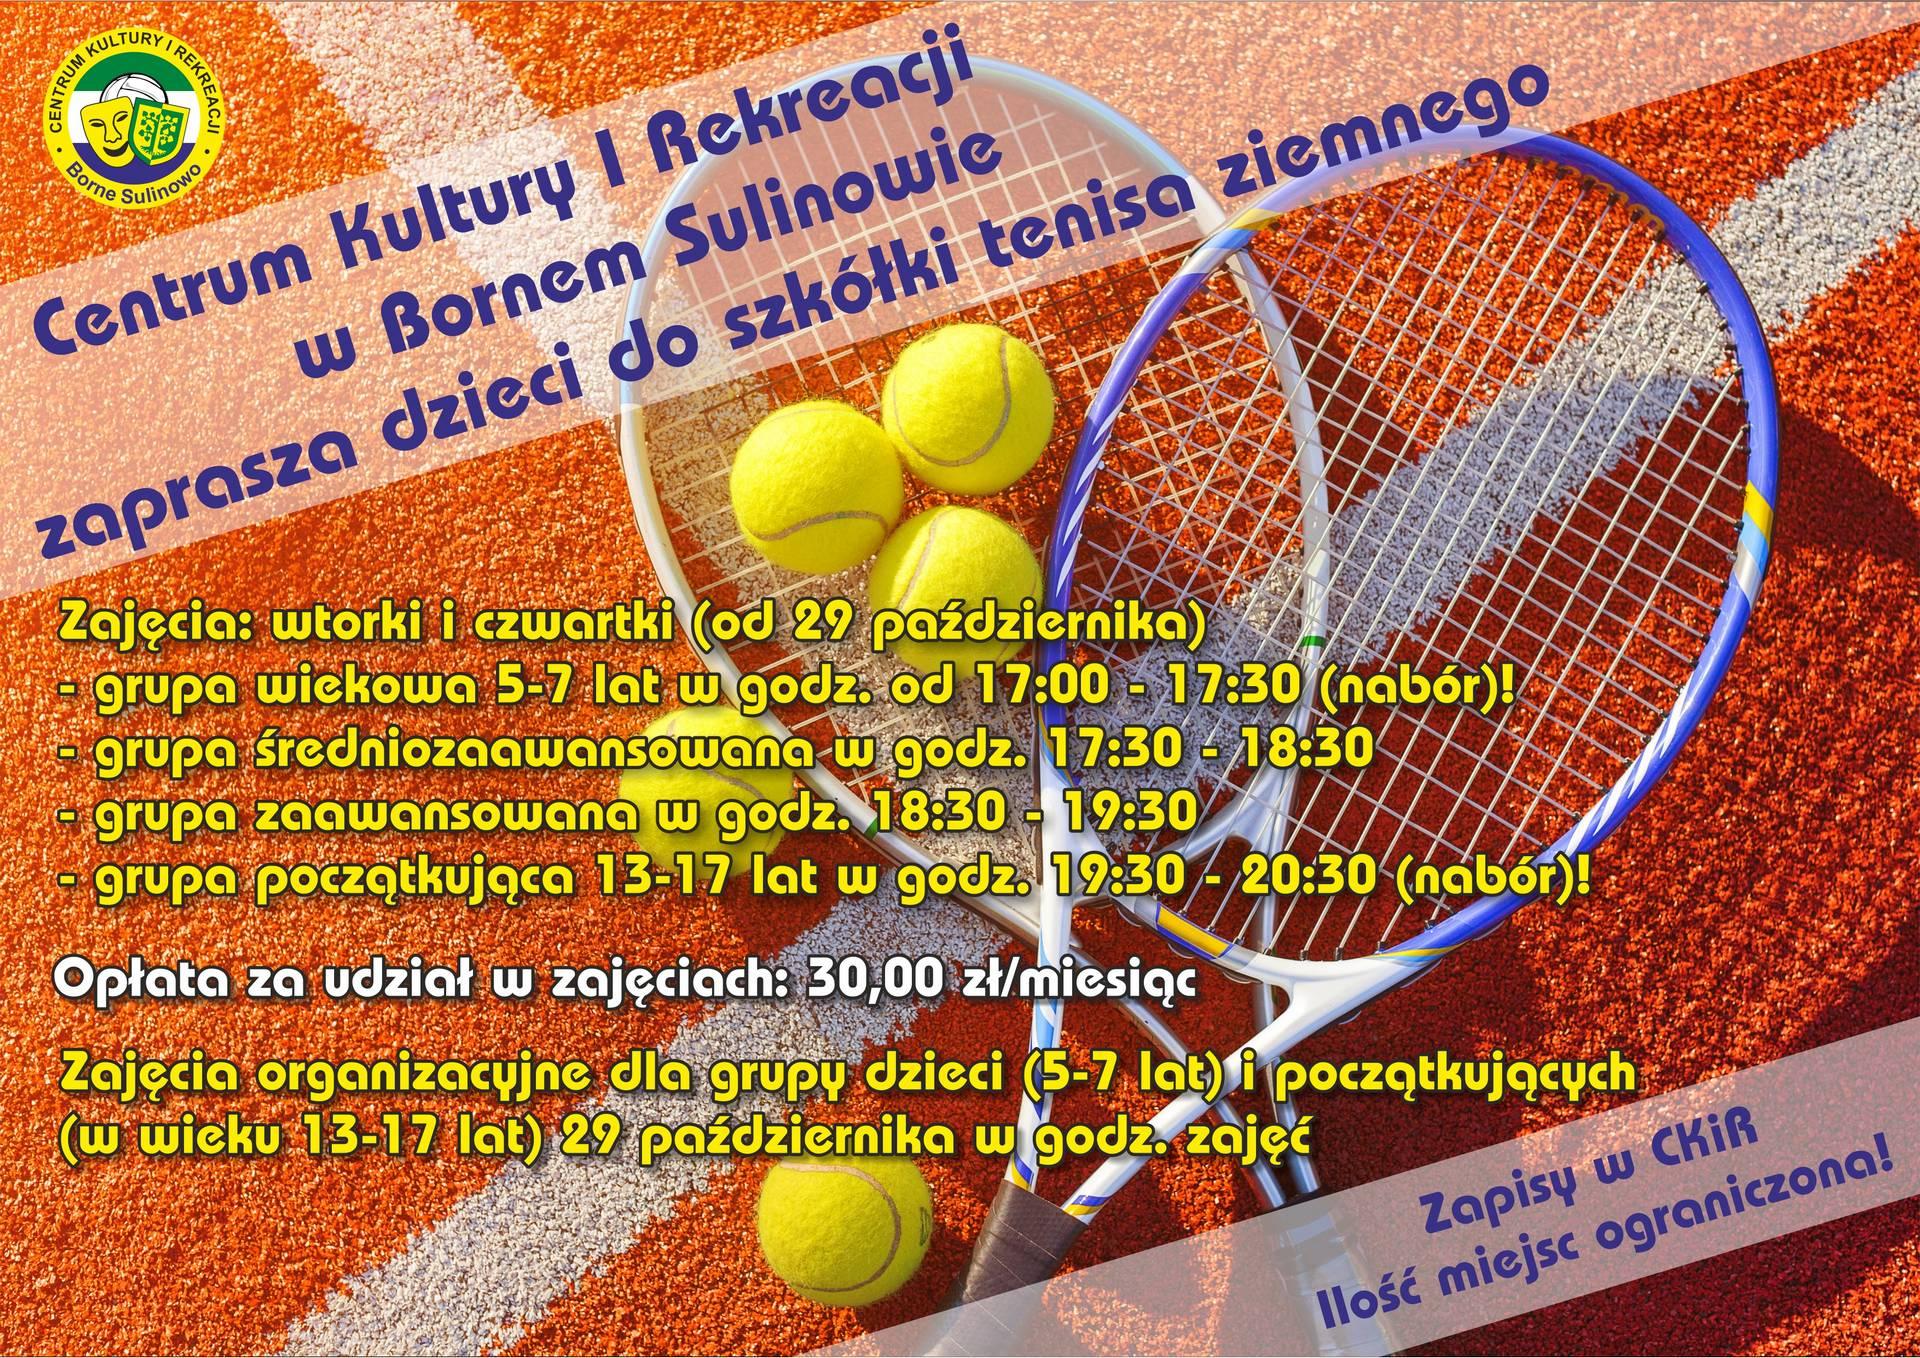 Zapraszamy dzieci do szkółki tenisa ziemnego